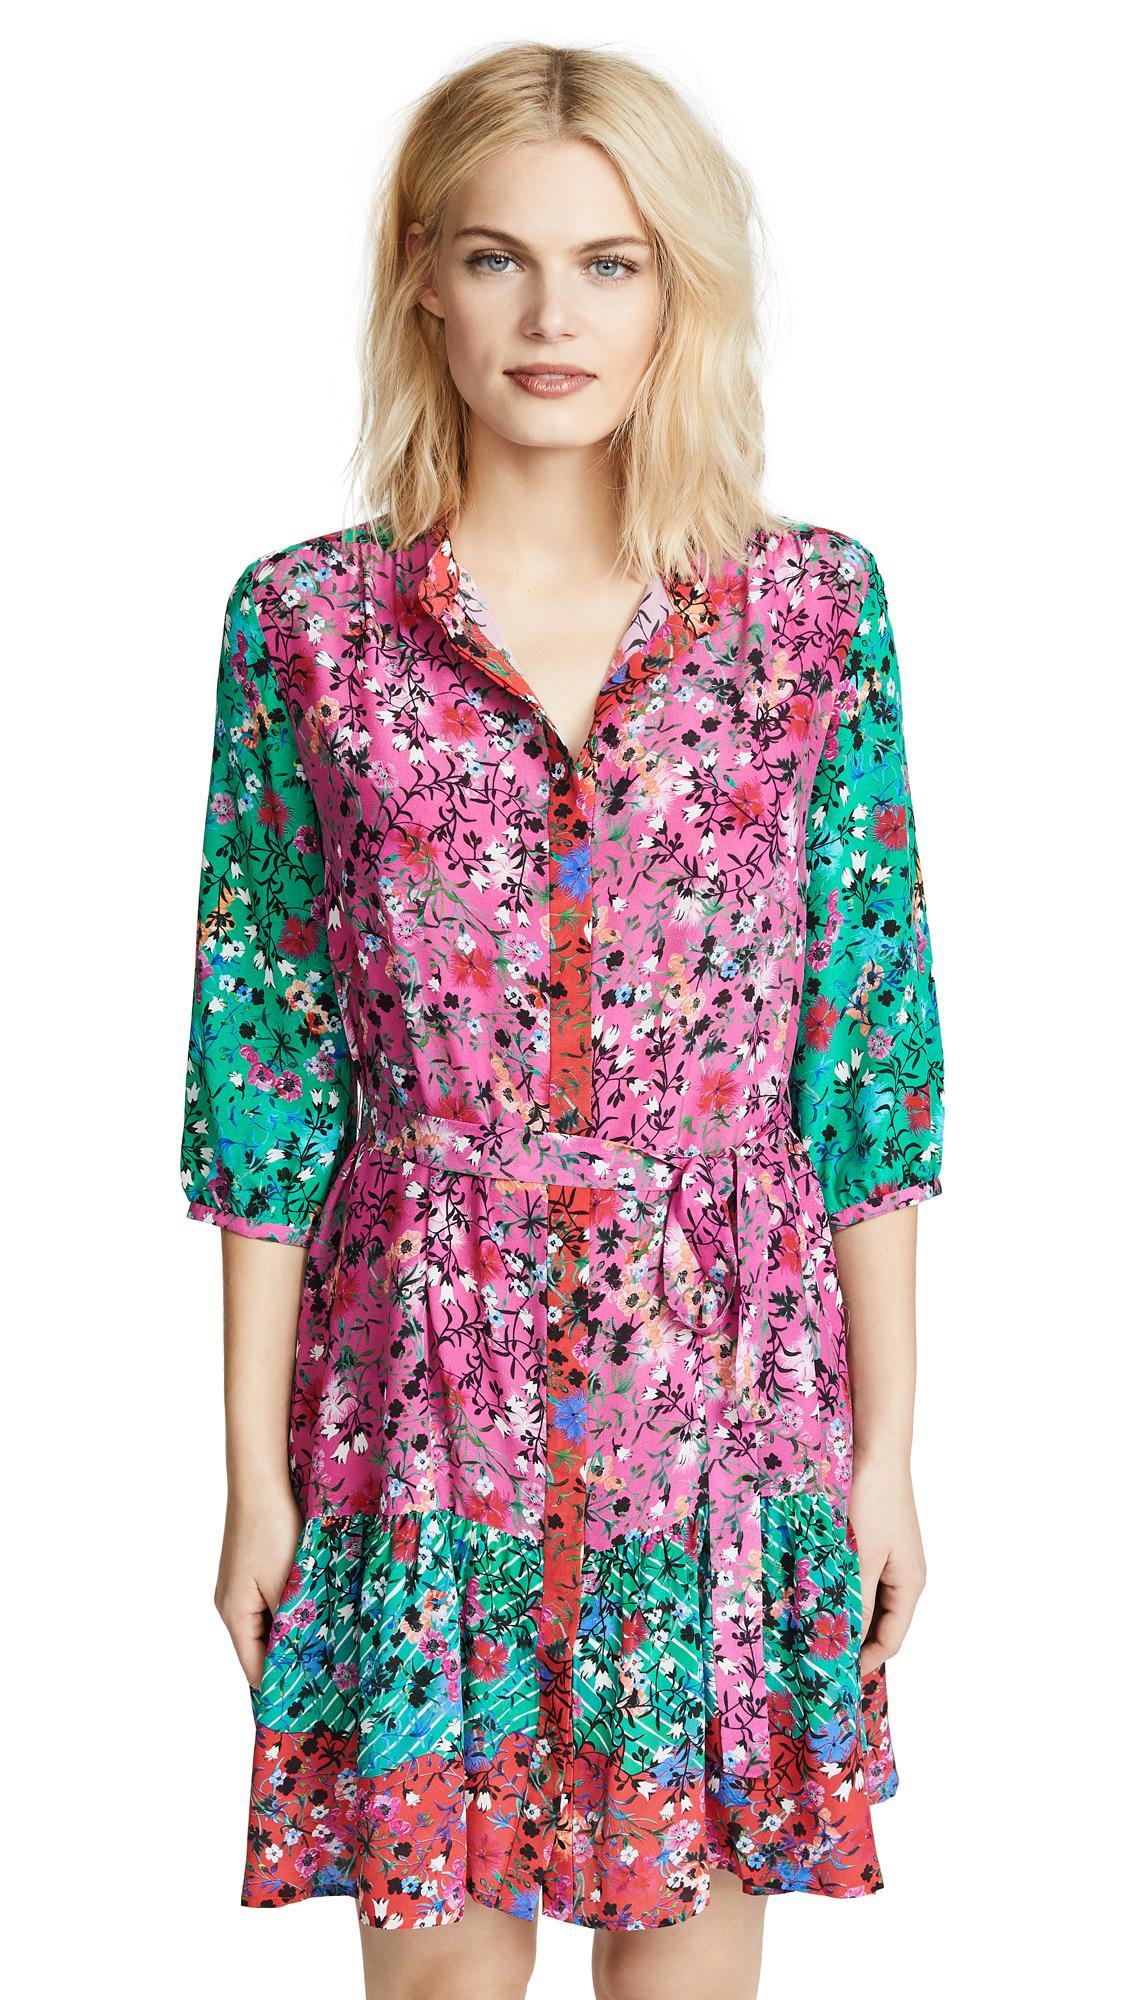 Saloni Tyra Dress In Tie-dye Meadow